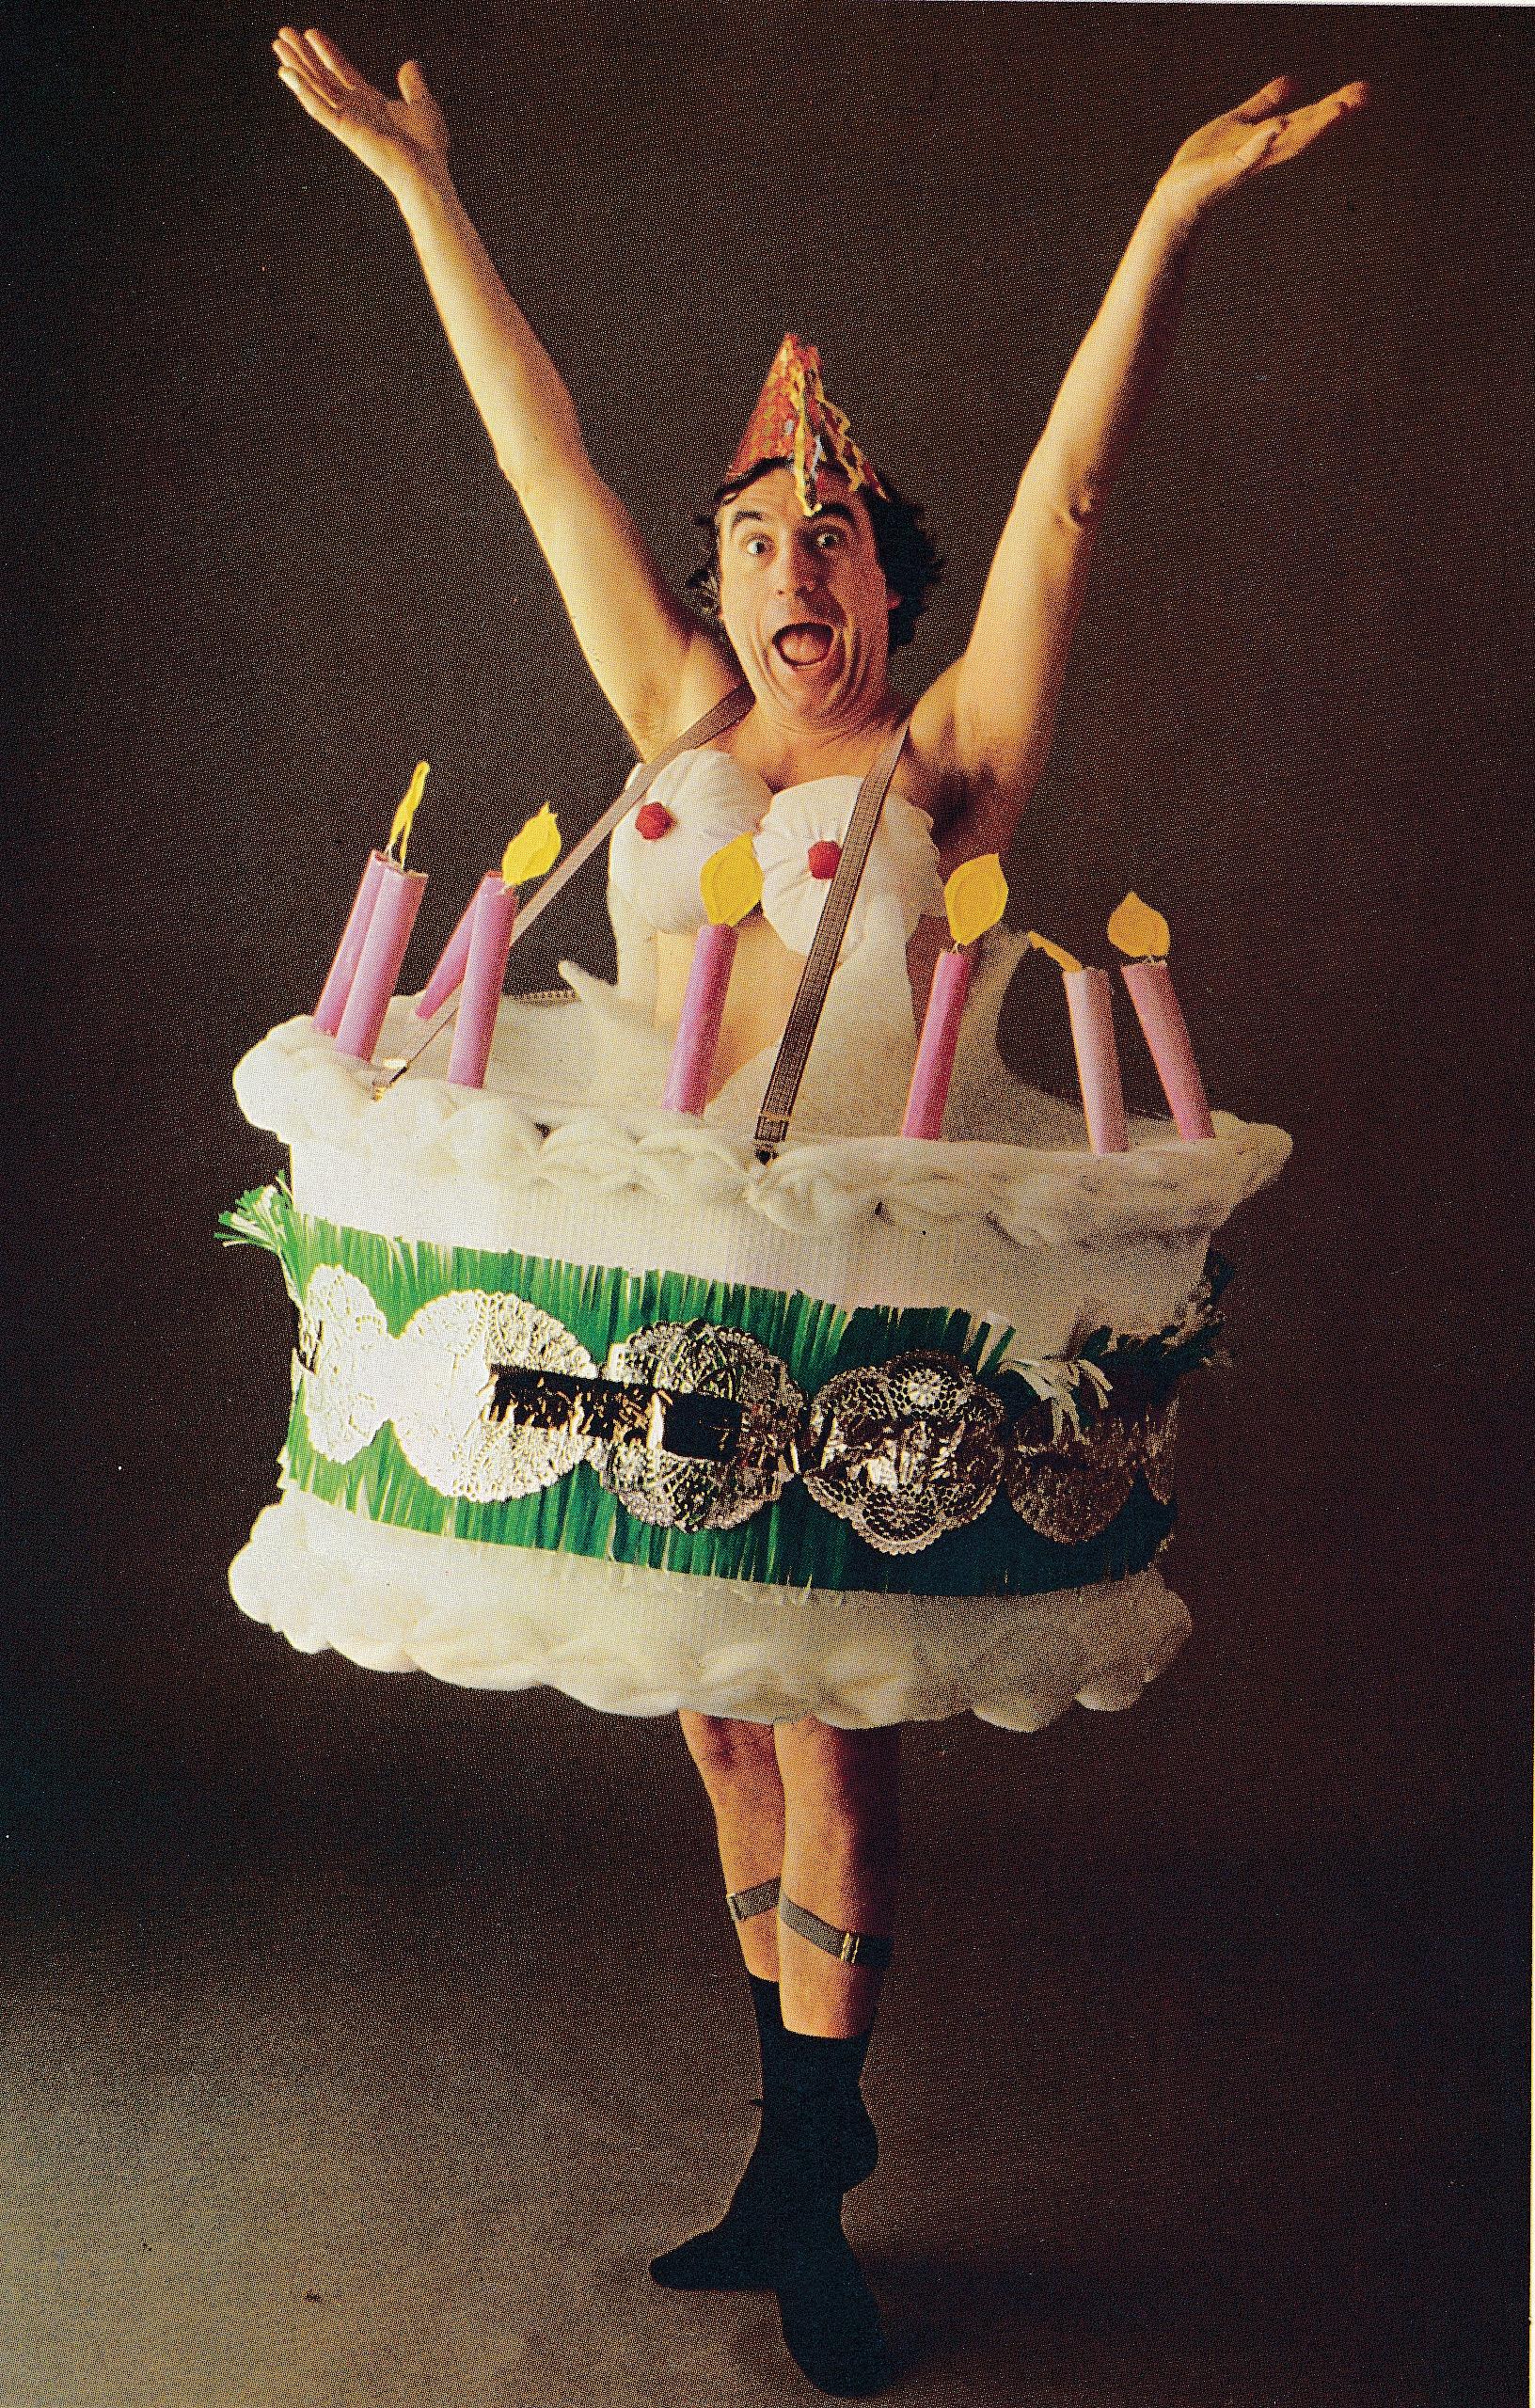 birthday cake costume